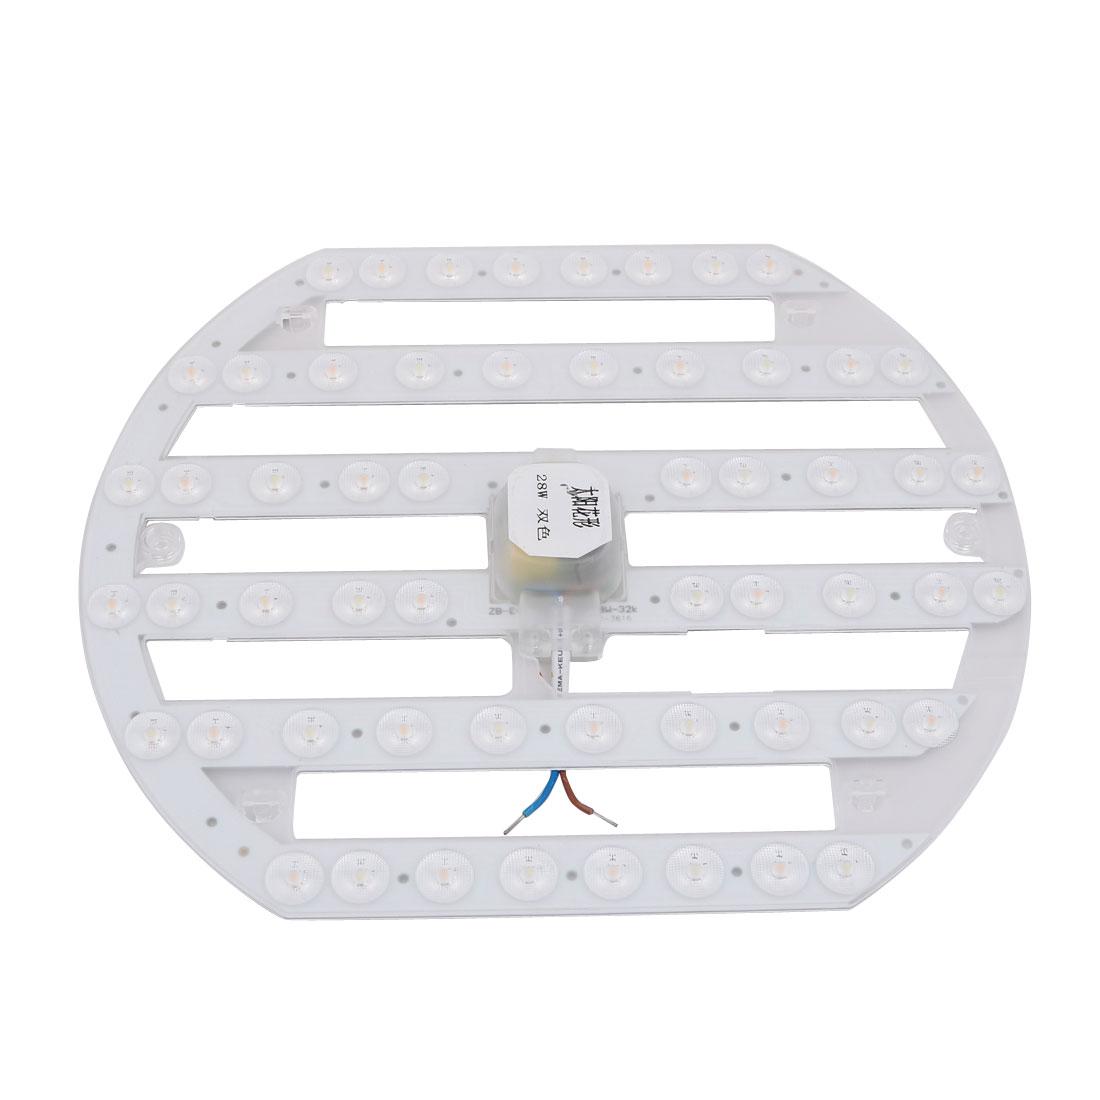 AC 185V-265V 28W LED Panel Ceiling Optical Lens Module Light Board 56-LEDs 4000K